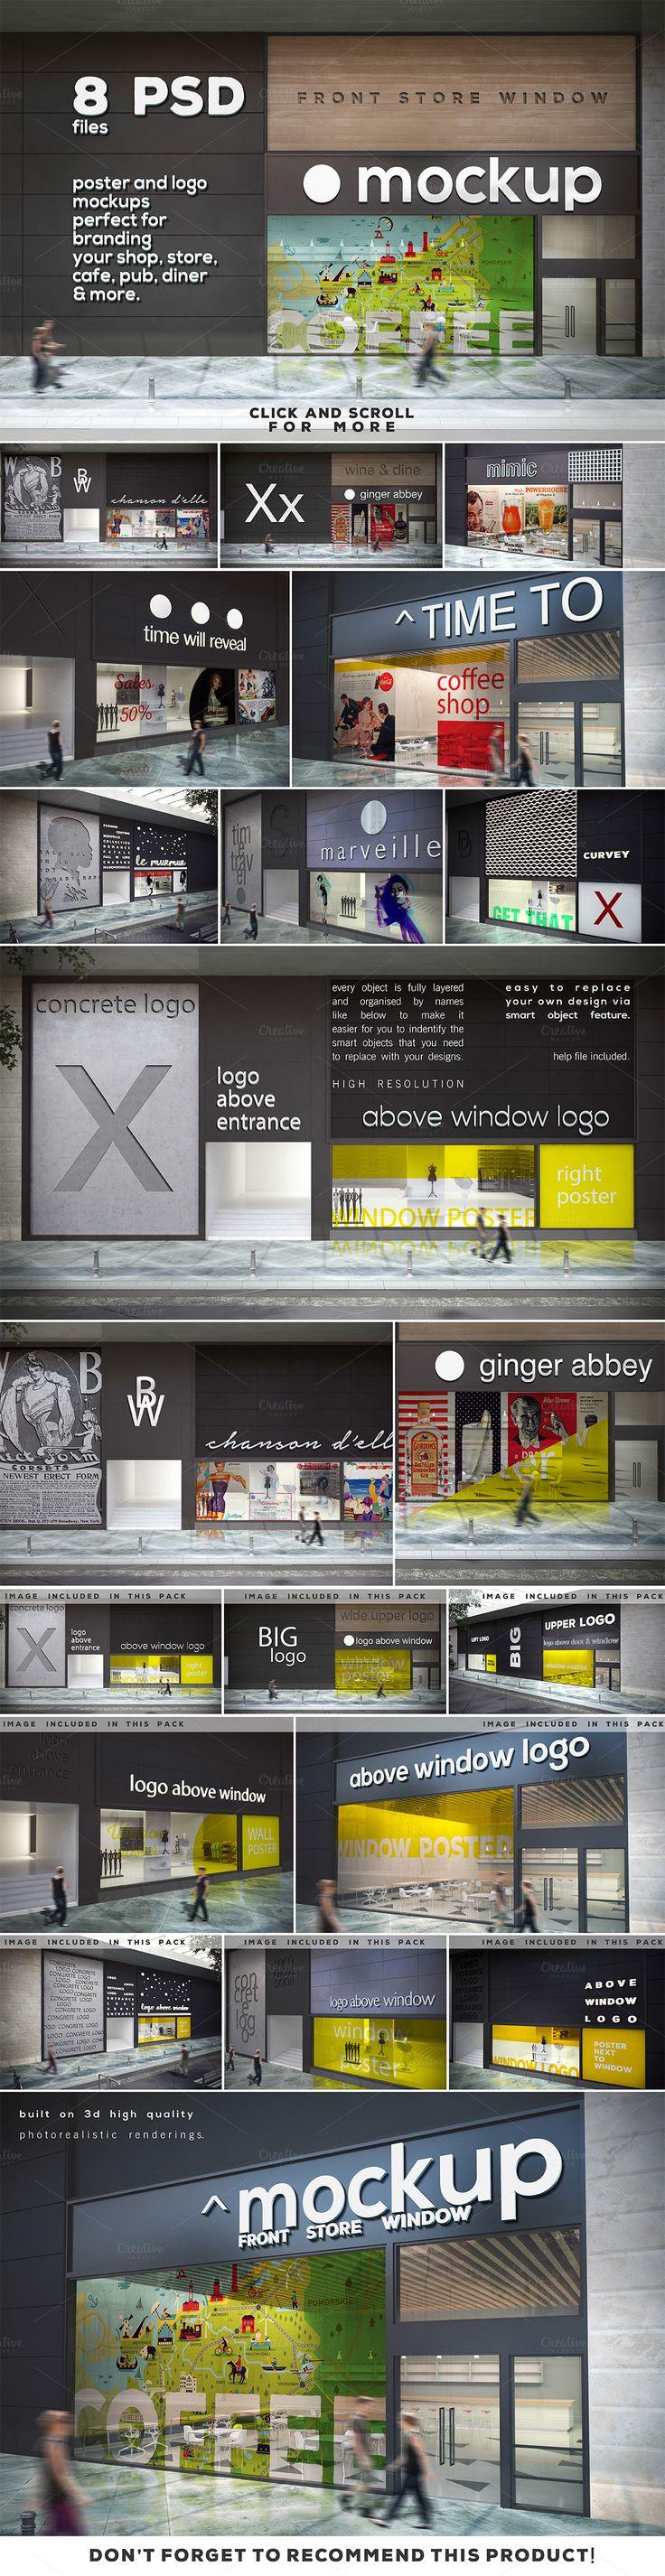 6 poster design photo mockups 57079 - Poster Logo Mock Up Vol 5 Shop